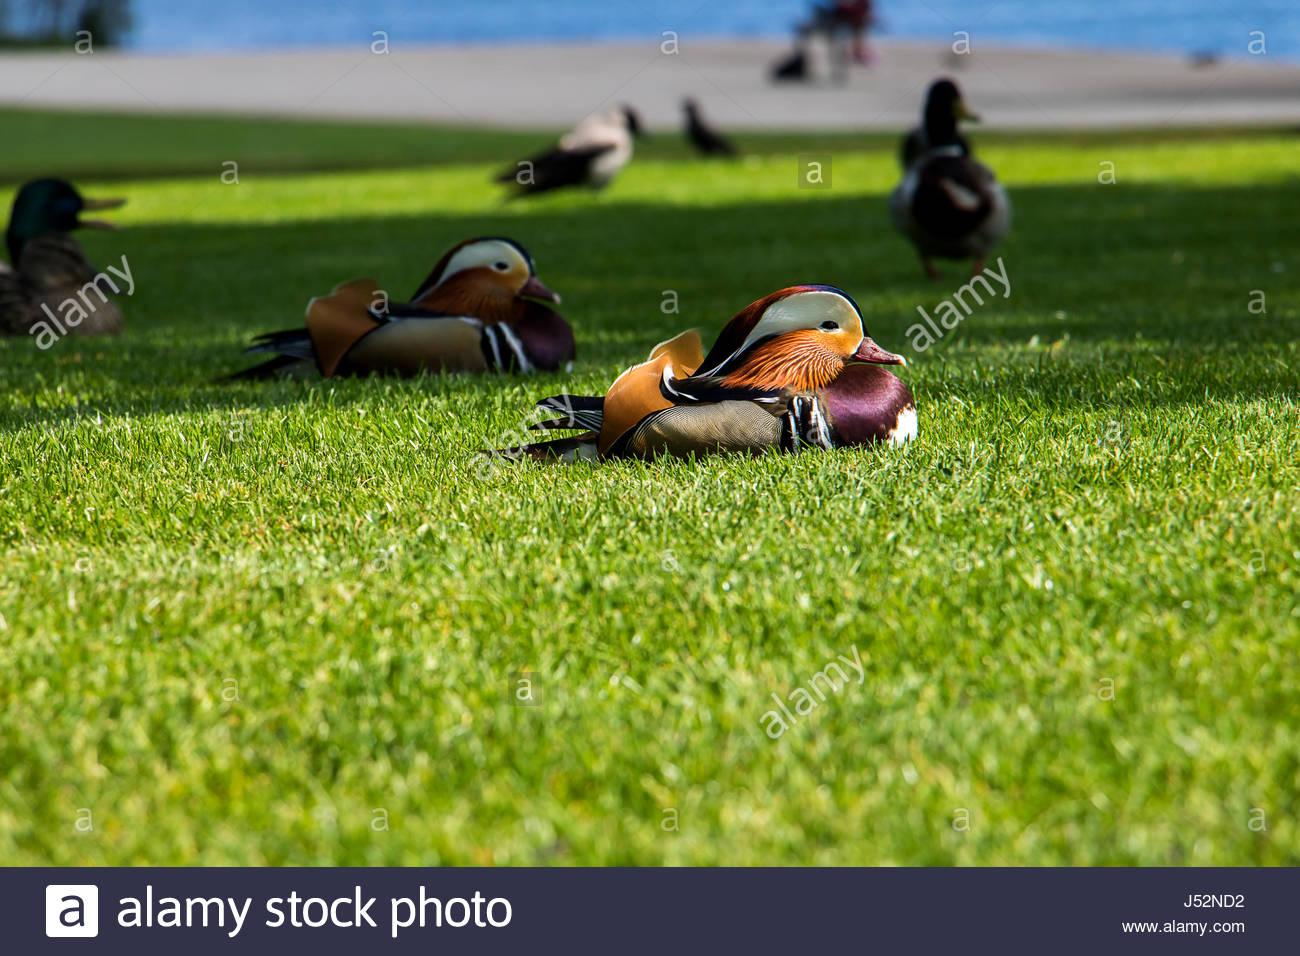 Maschio di Aix galericulata in appoggio sul prato al lago Wannsee a Berlino Germania, Germani reali in background Immagini Stock